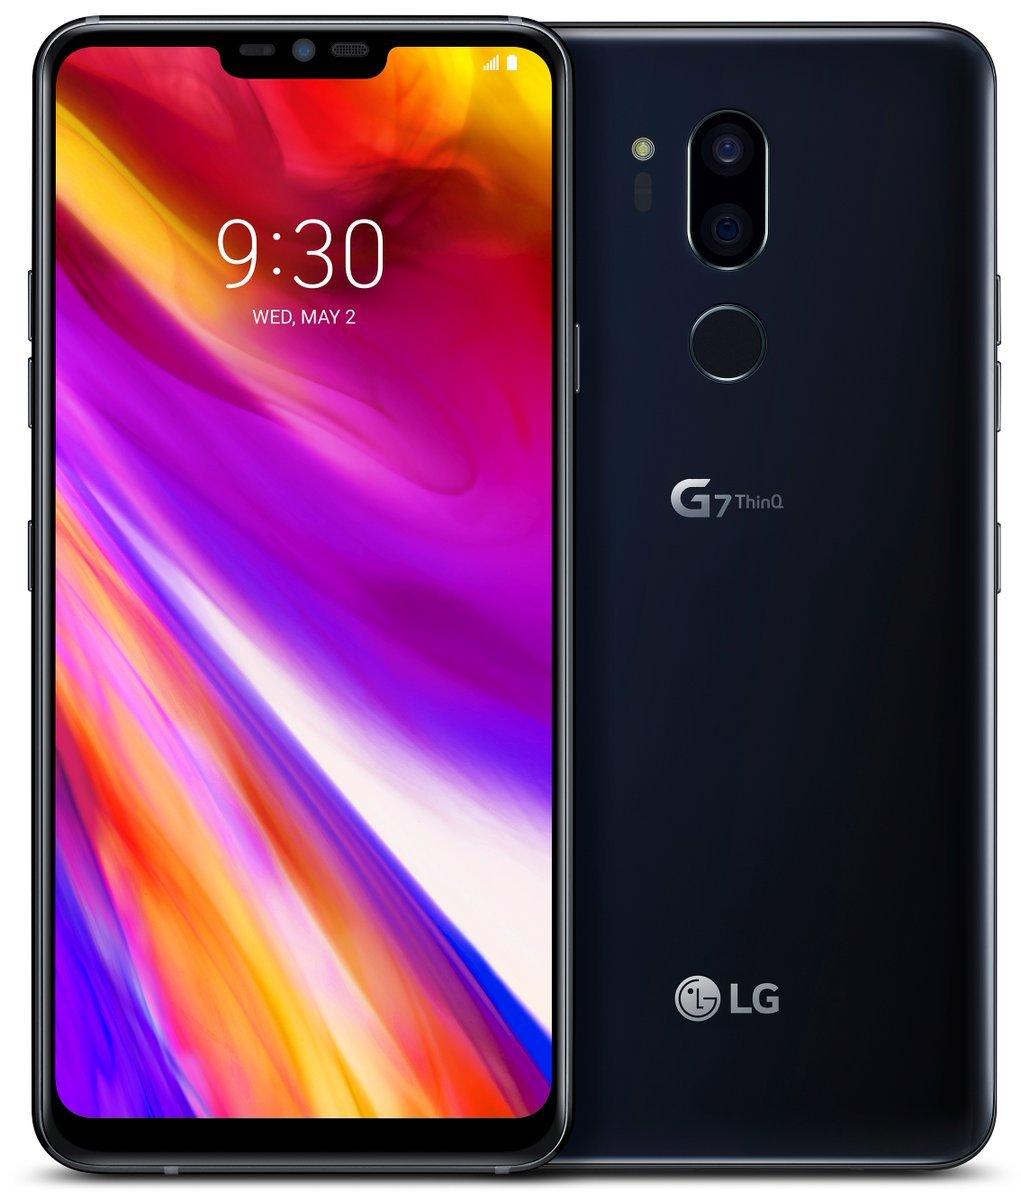 LG presenterar flaggskeppet G7 ThinQ